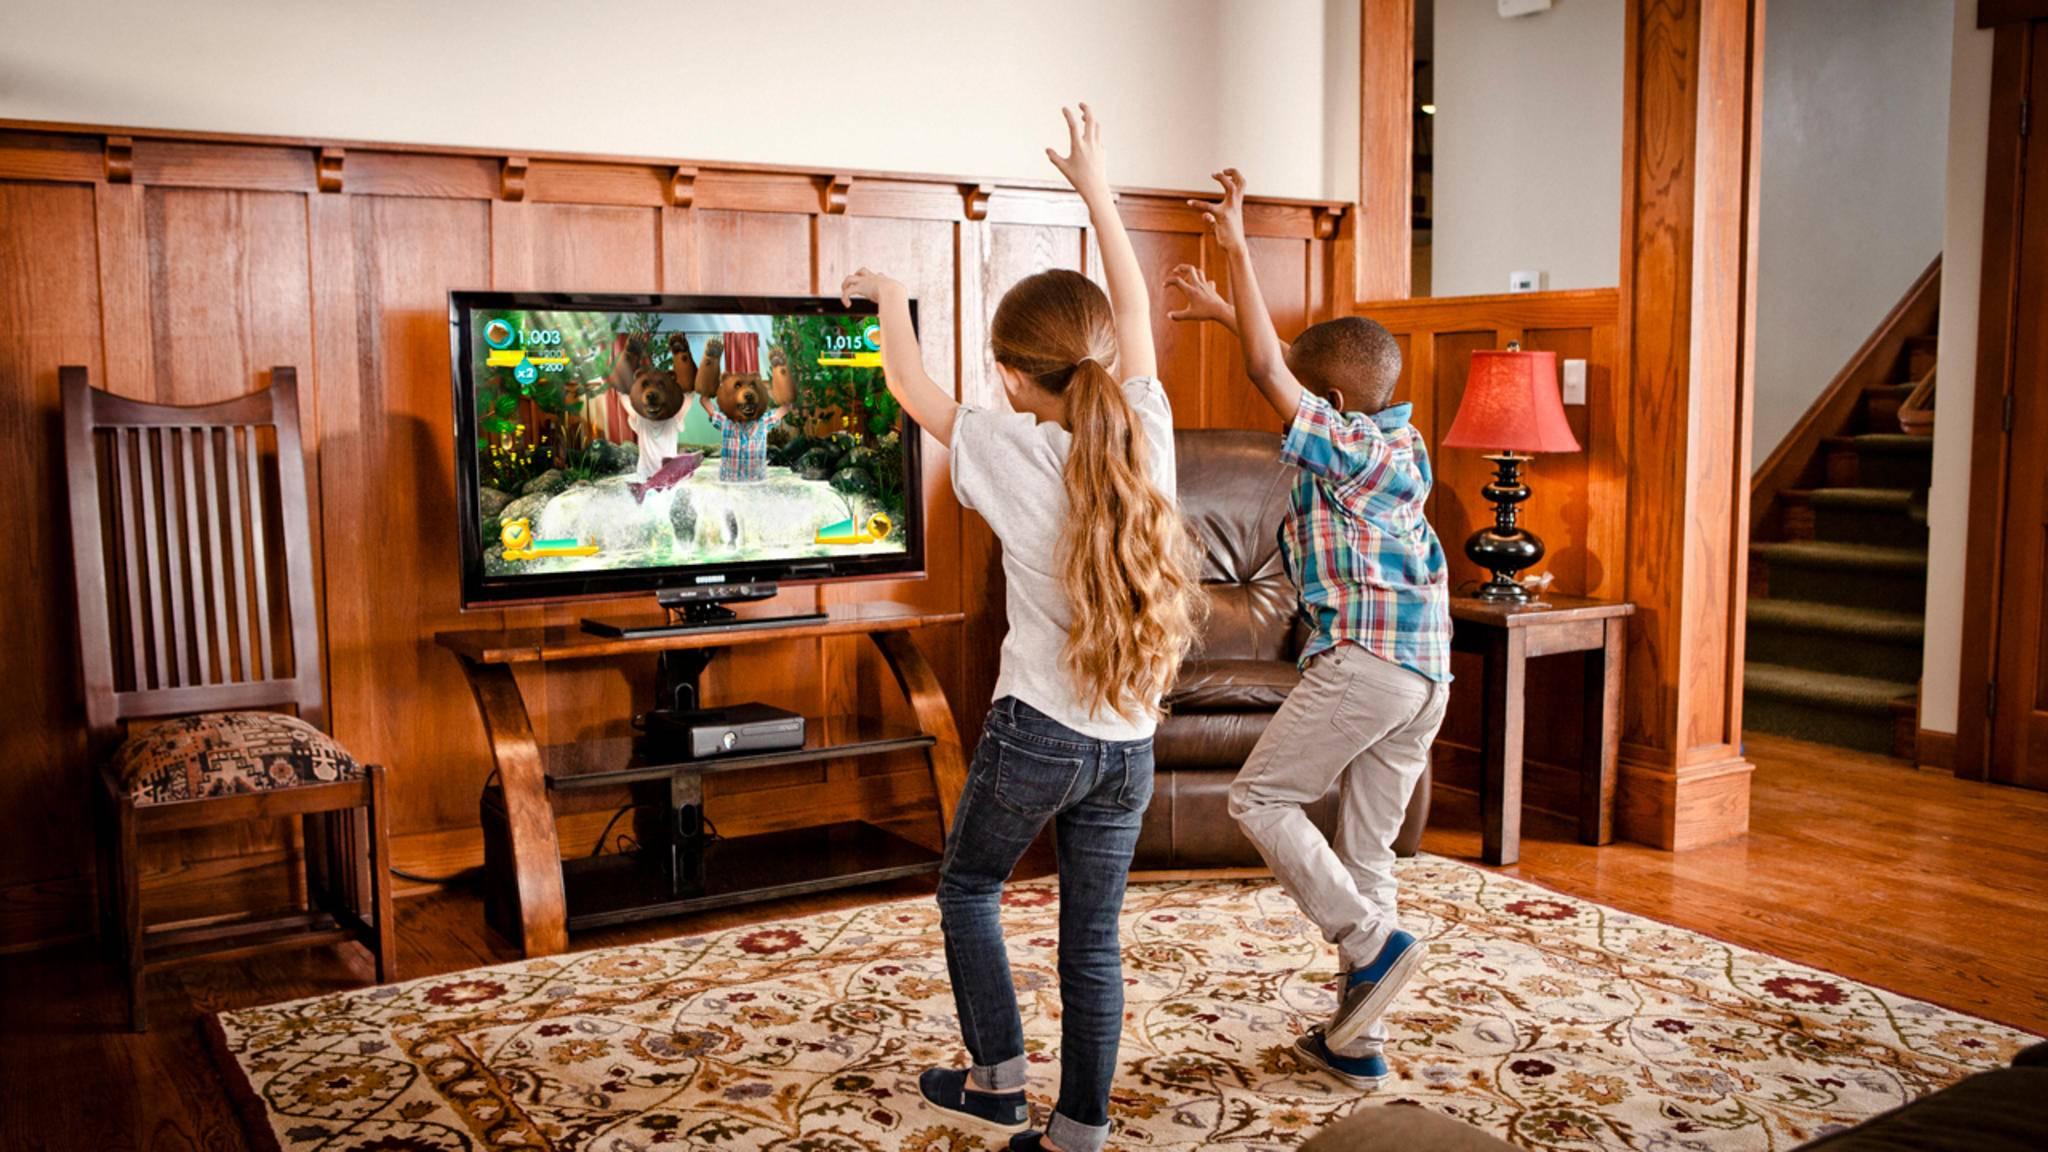 Tschüß, Kinect! Microsofts Xbox-Kamera sollte der groß0e Wurf werden, blieb aber hinter den Erwartungen zurück. Nun wird die Produktion eingestellt.